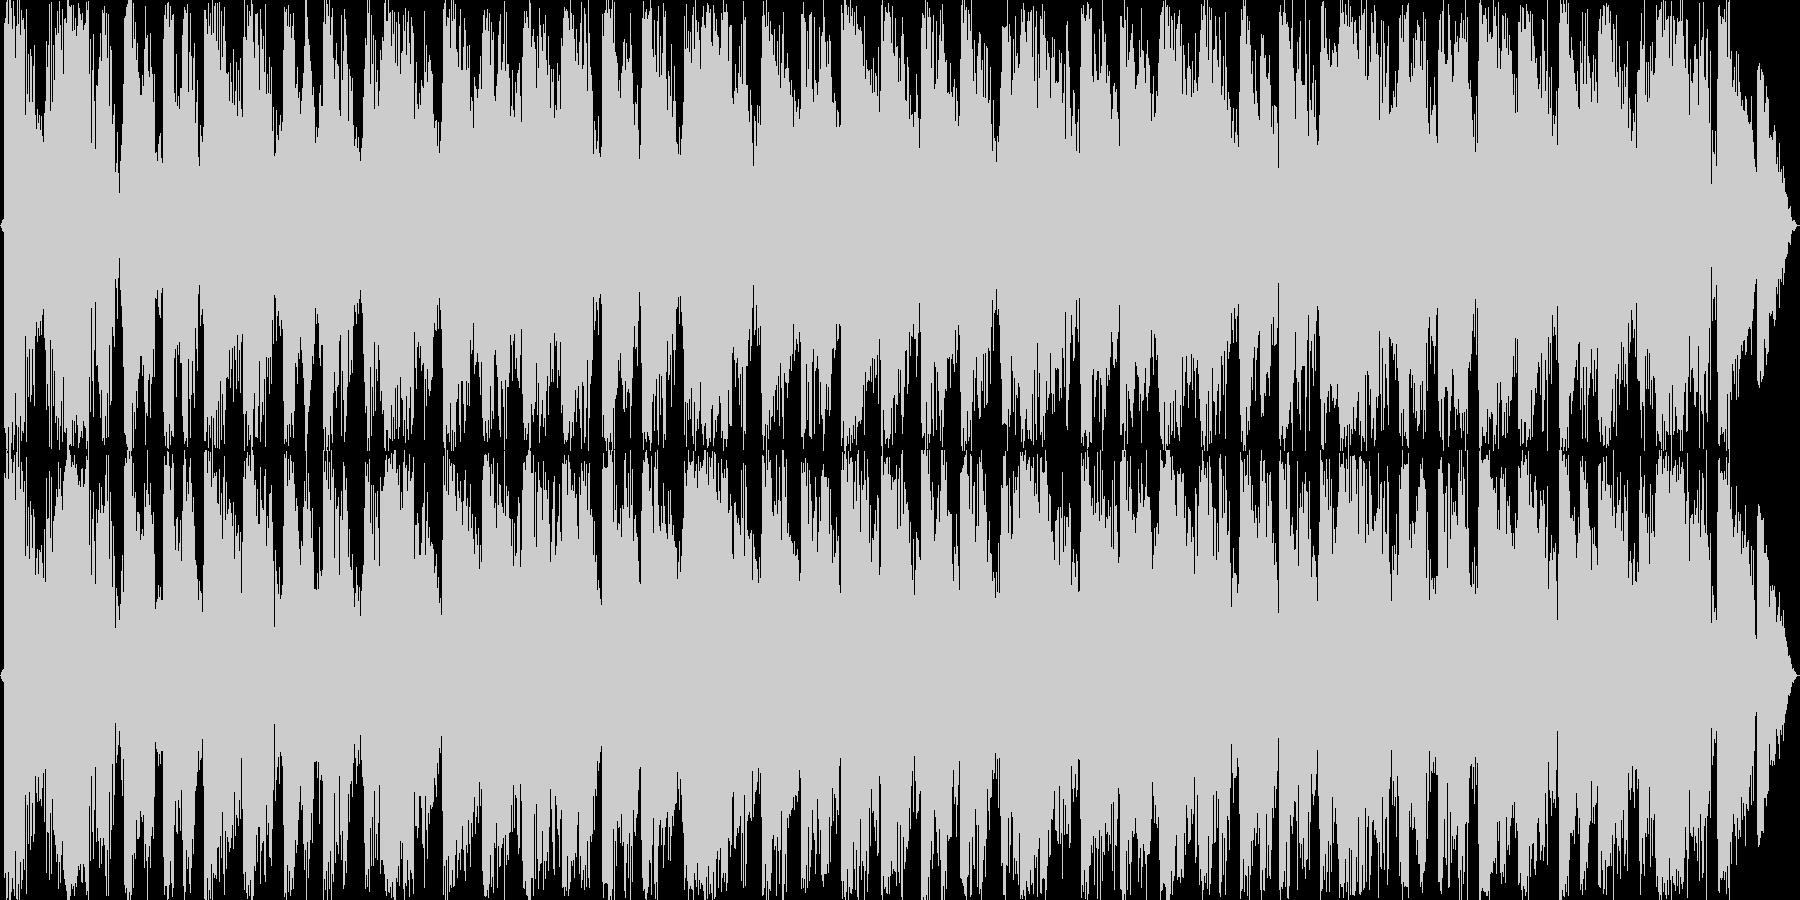 テクノダンス系の未再生の波形